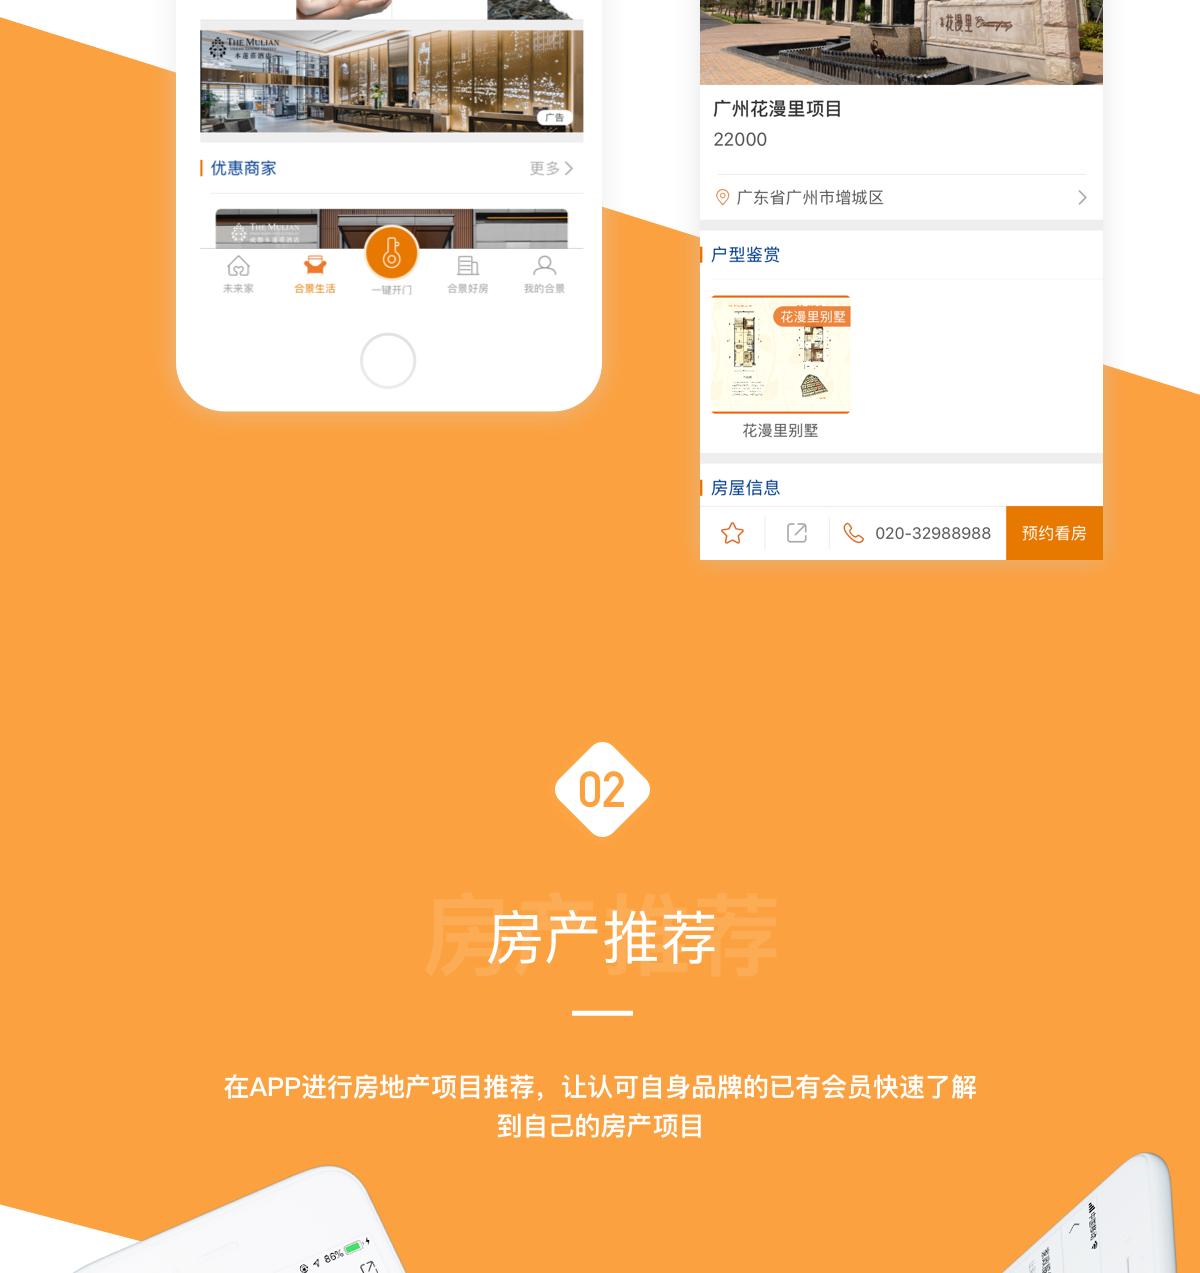 碧桂园物业管理APP解决方案-1080_04.png